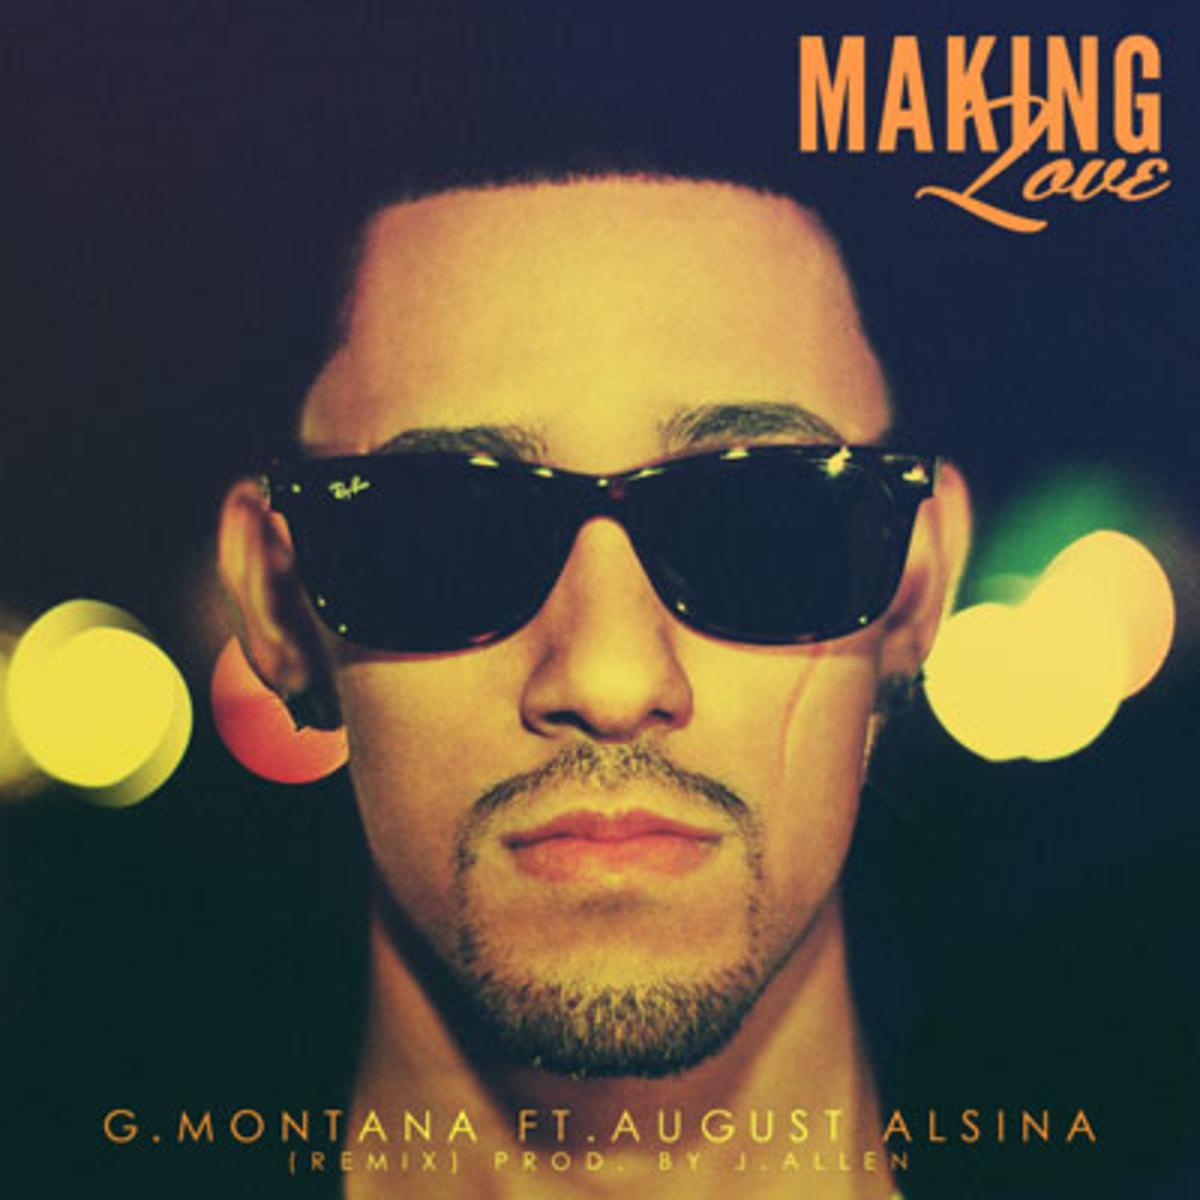 gmontana-makinglovermx.jpg